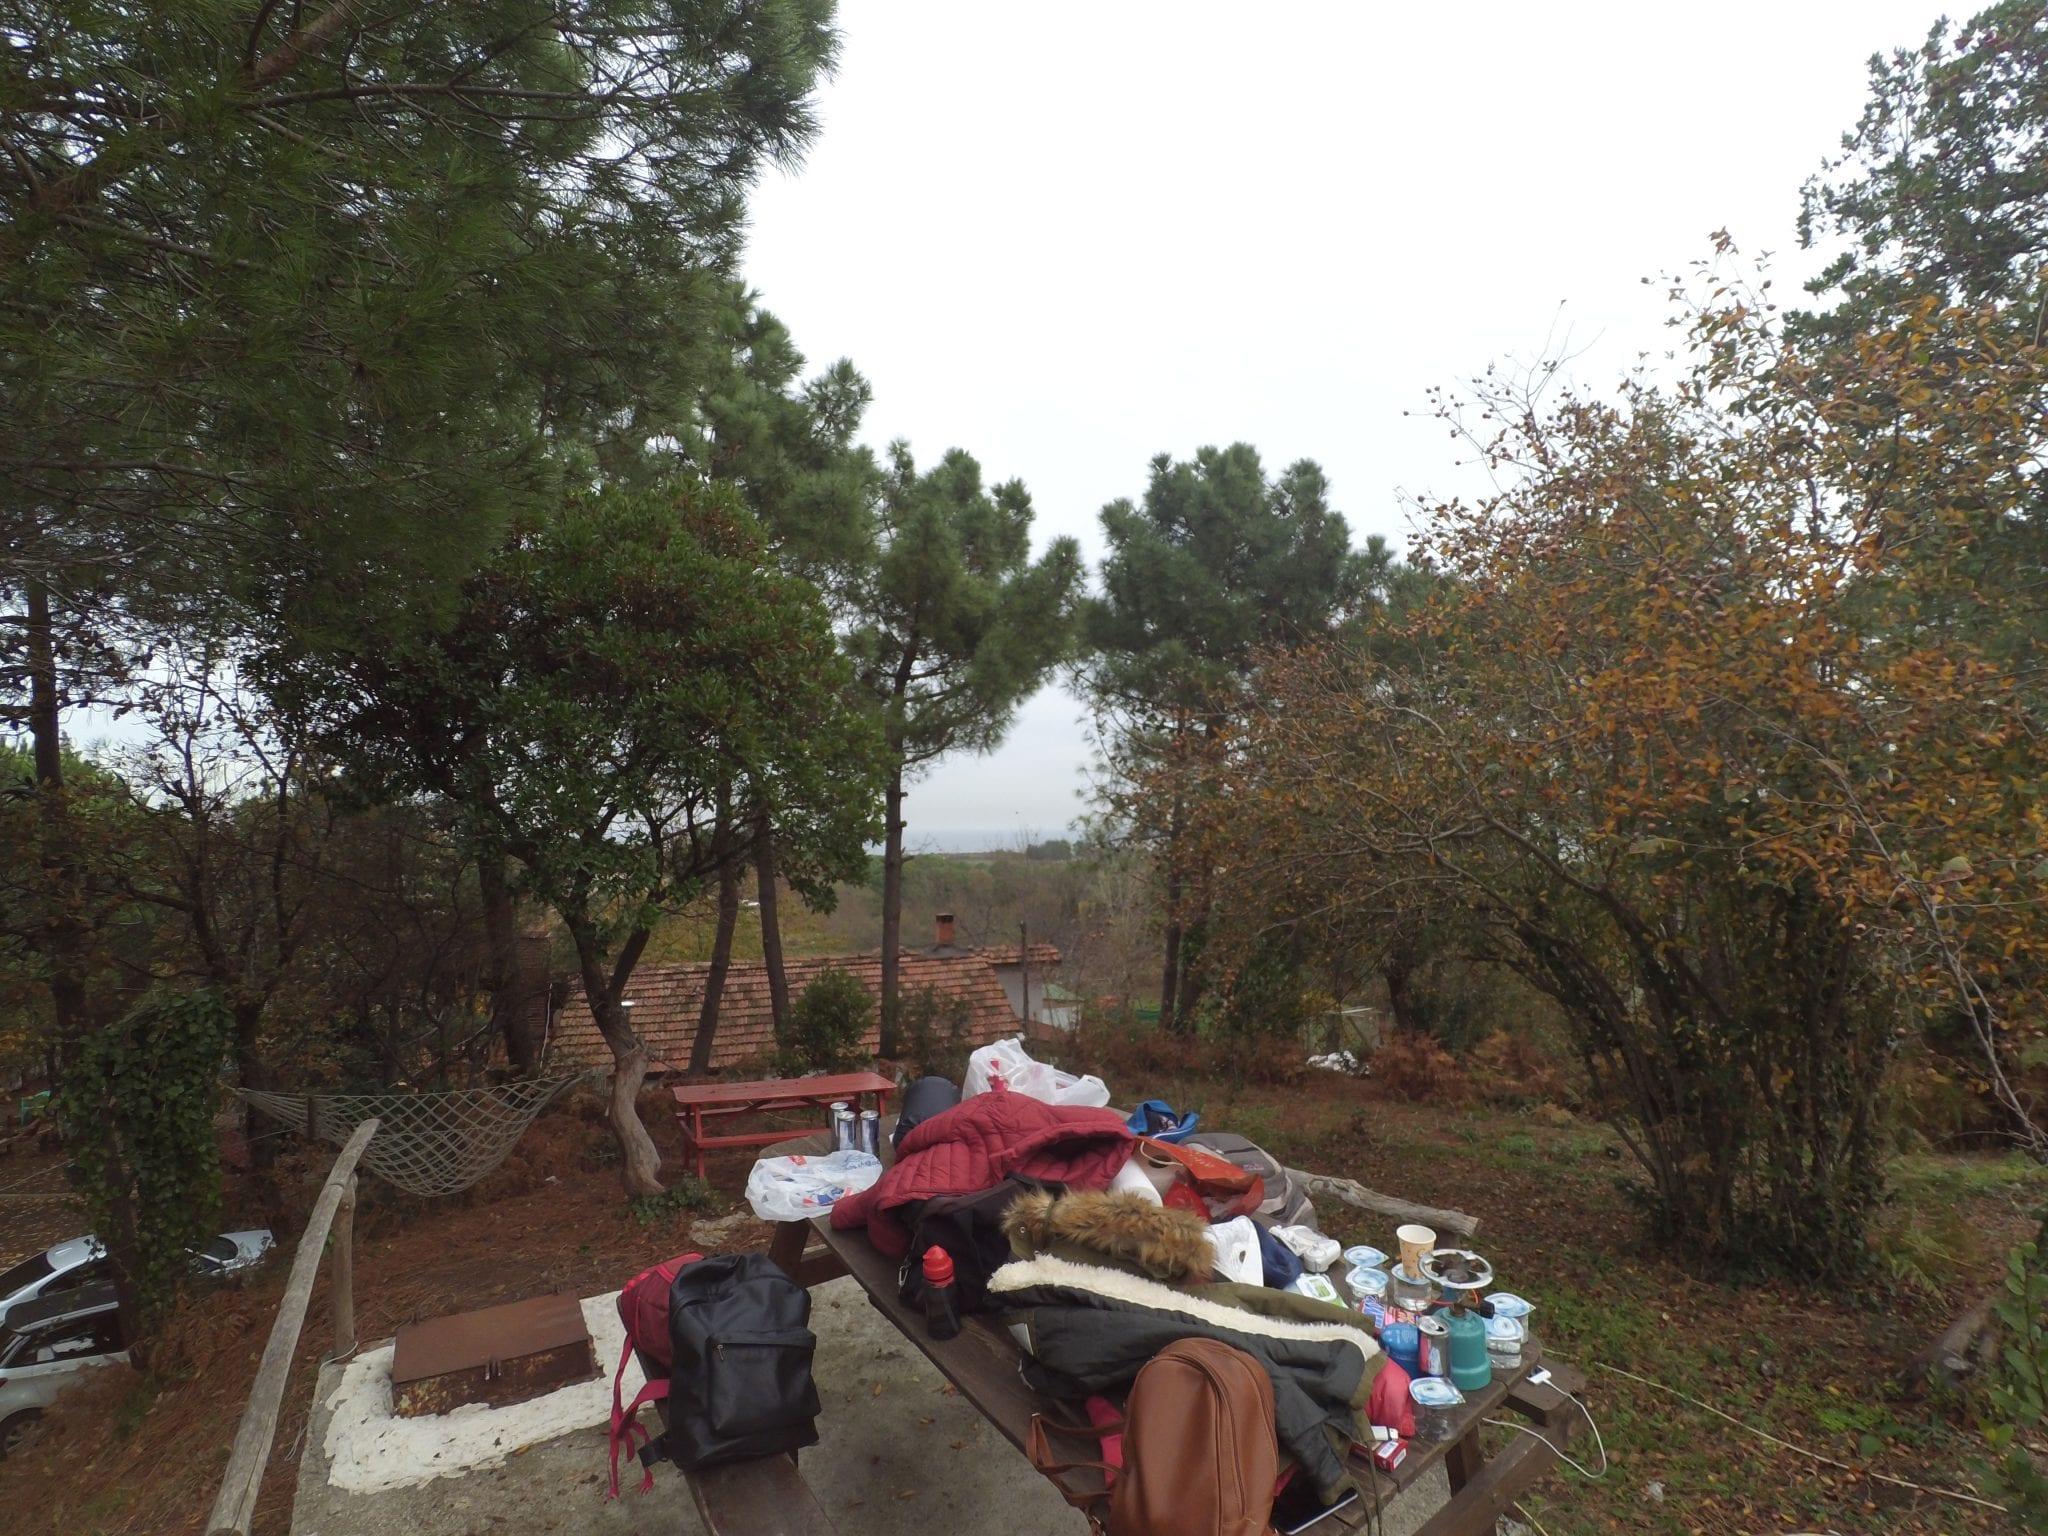 Rumeli Feneri Kamp Rehberi